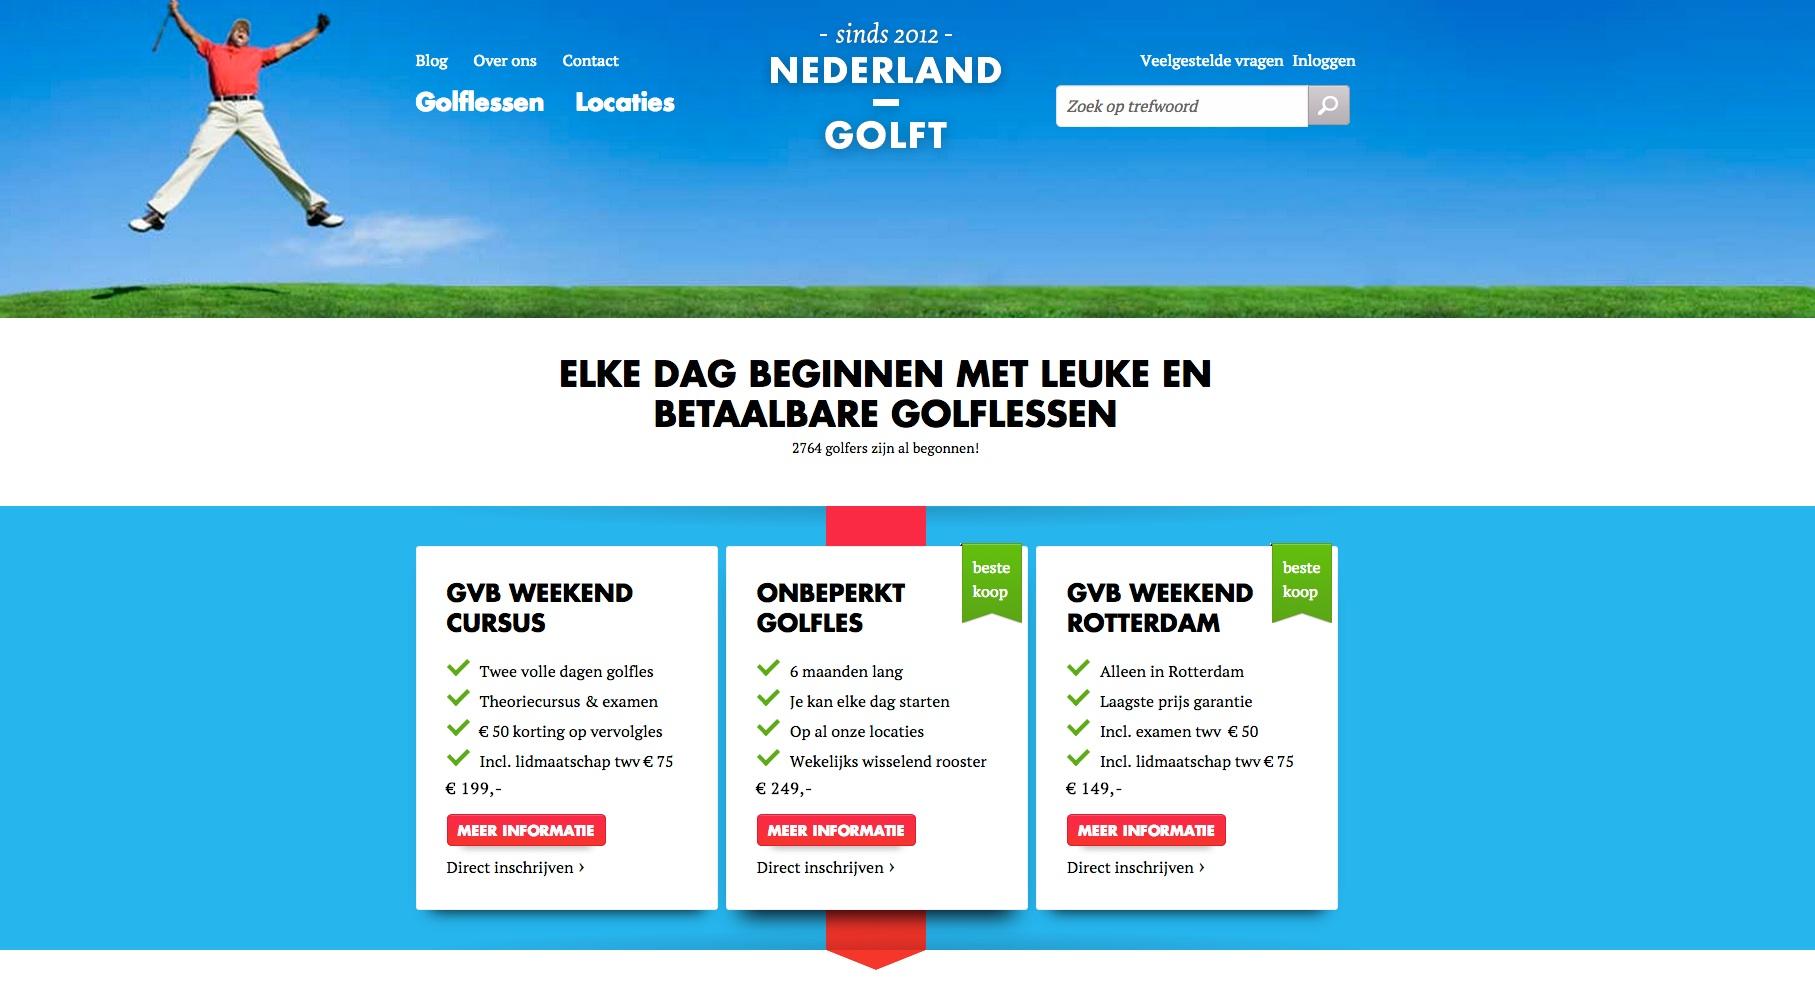 Nederland_Golft